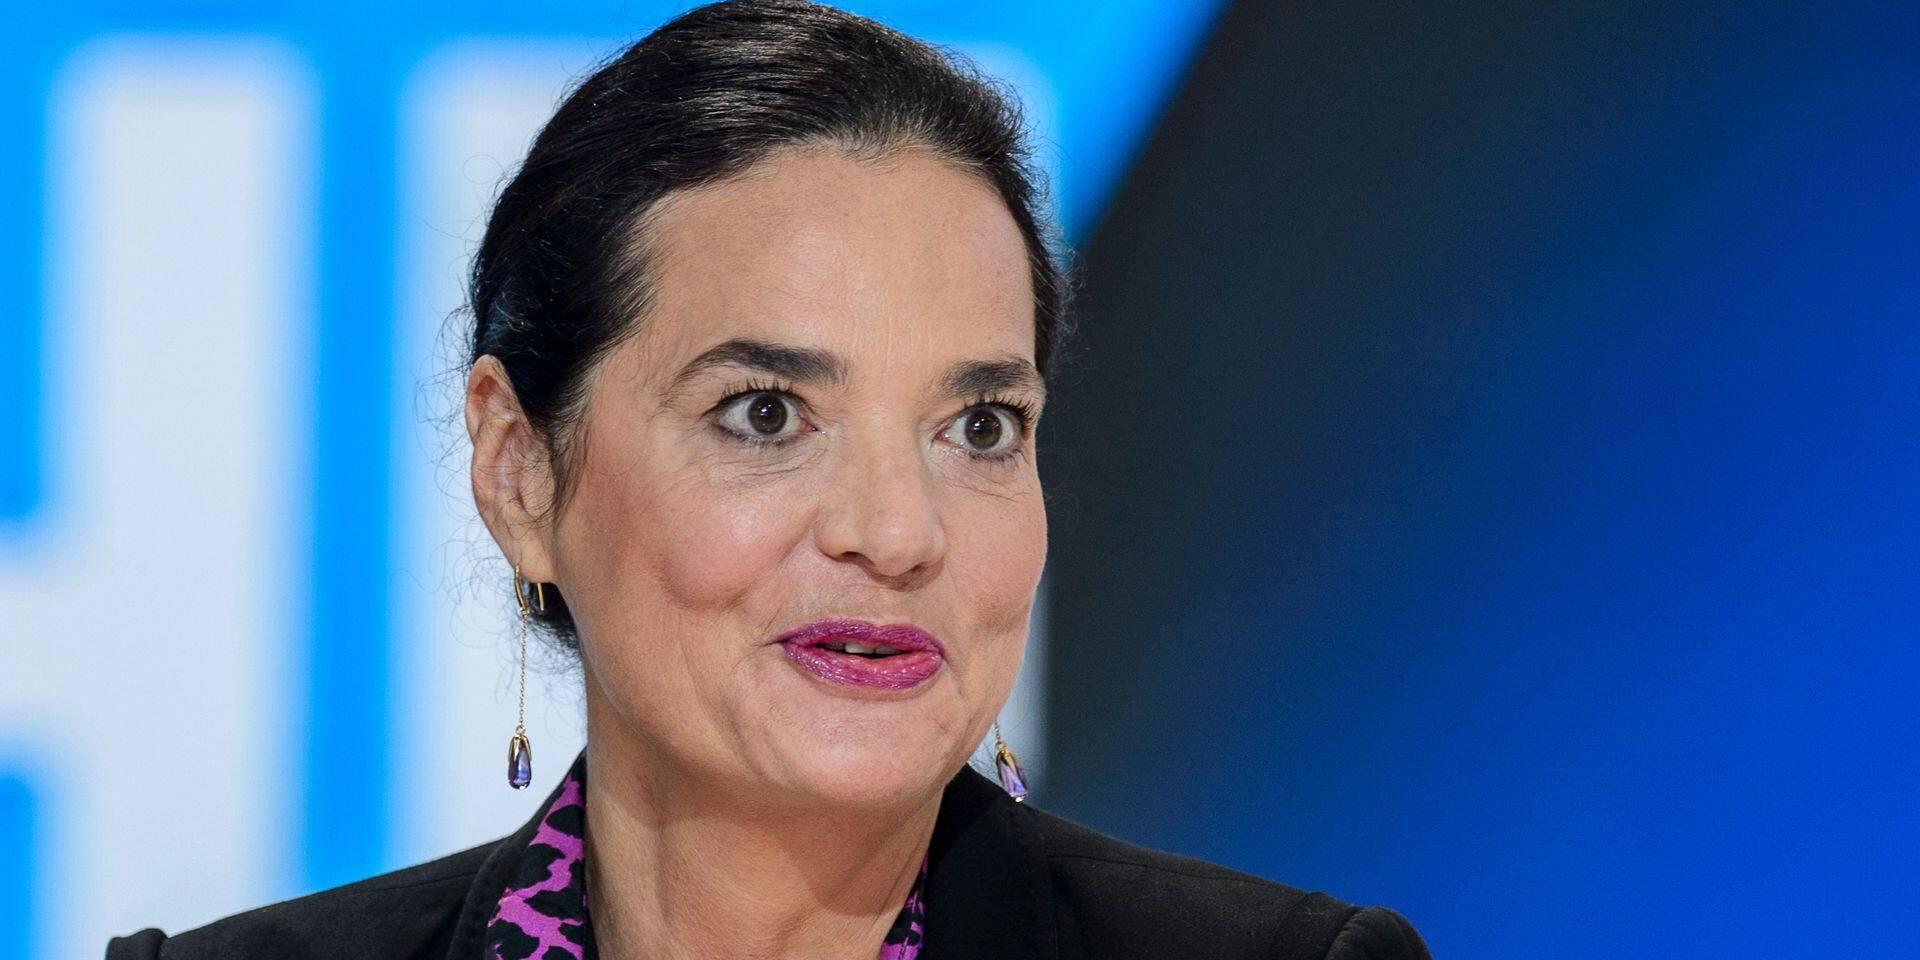 """Présidence du MR: Christine Defraigne dévoile le candidat """"plus humain et plus sincère"""" qu'elle soutiendra"""